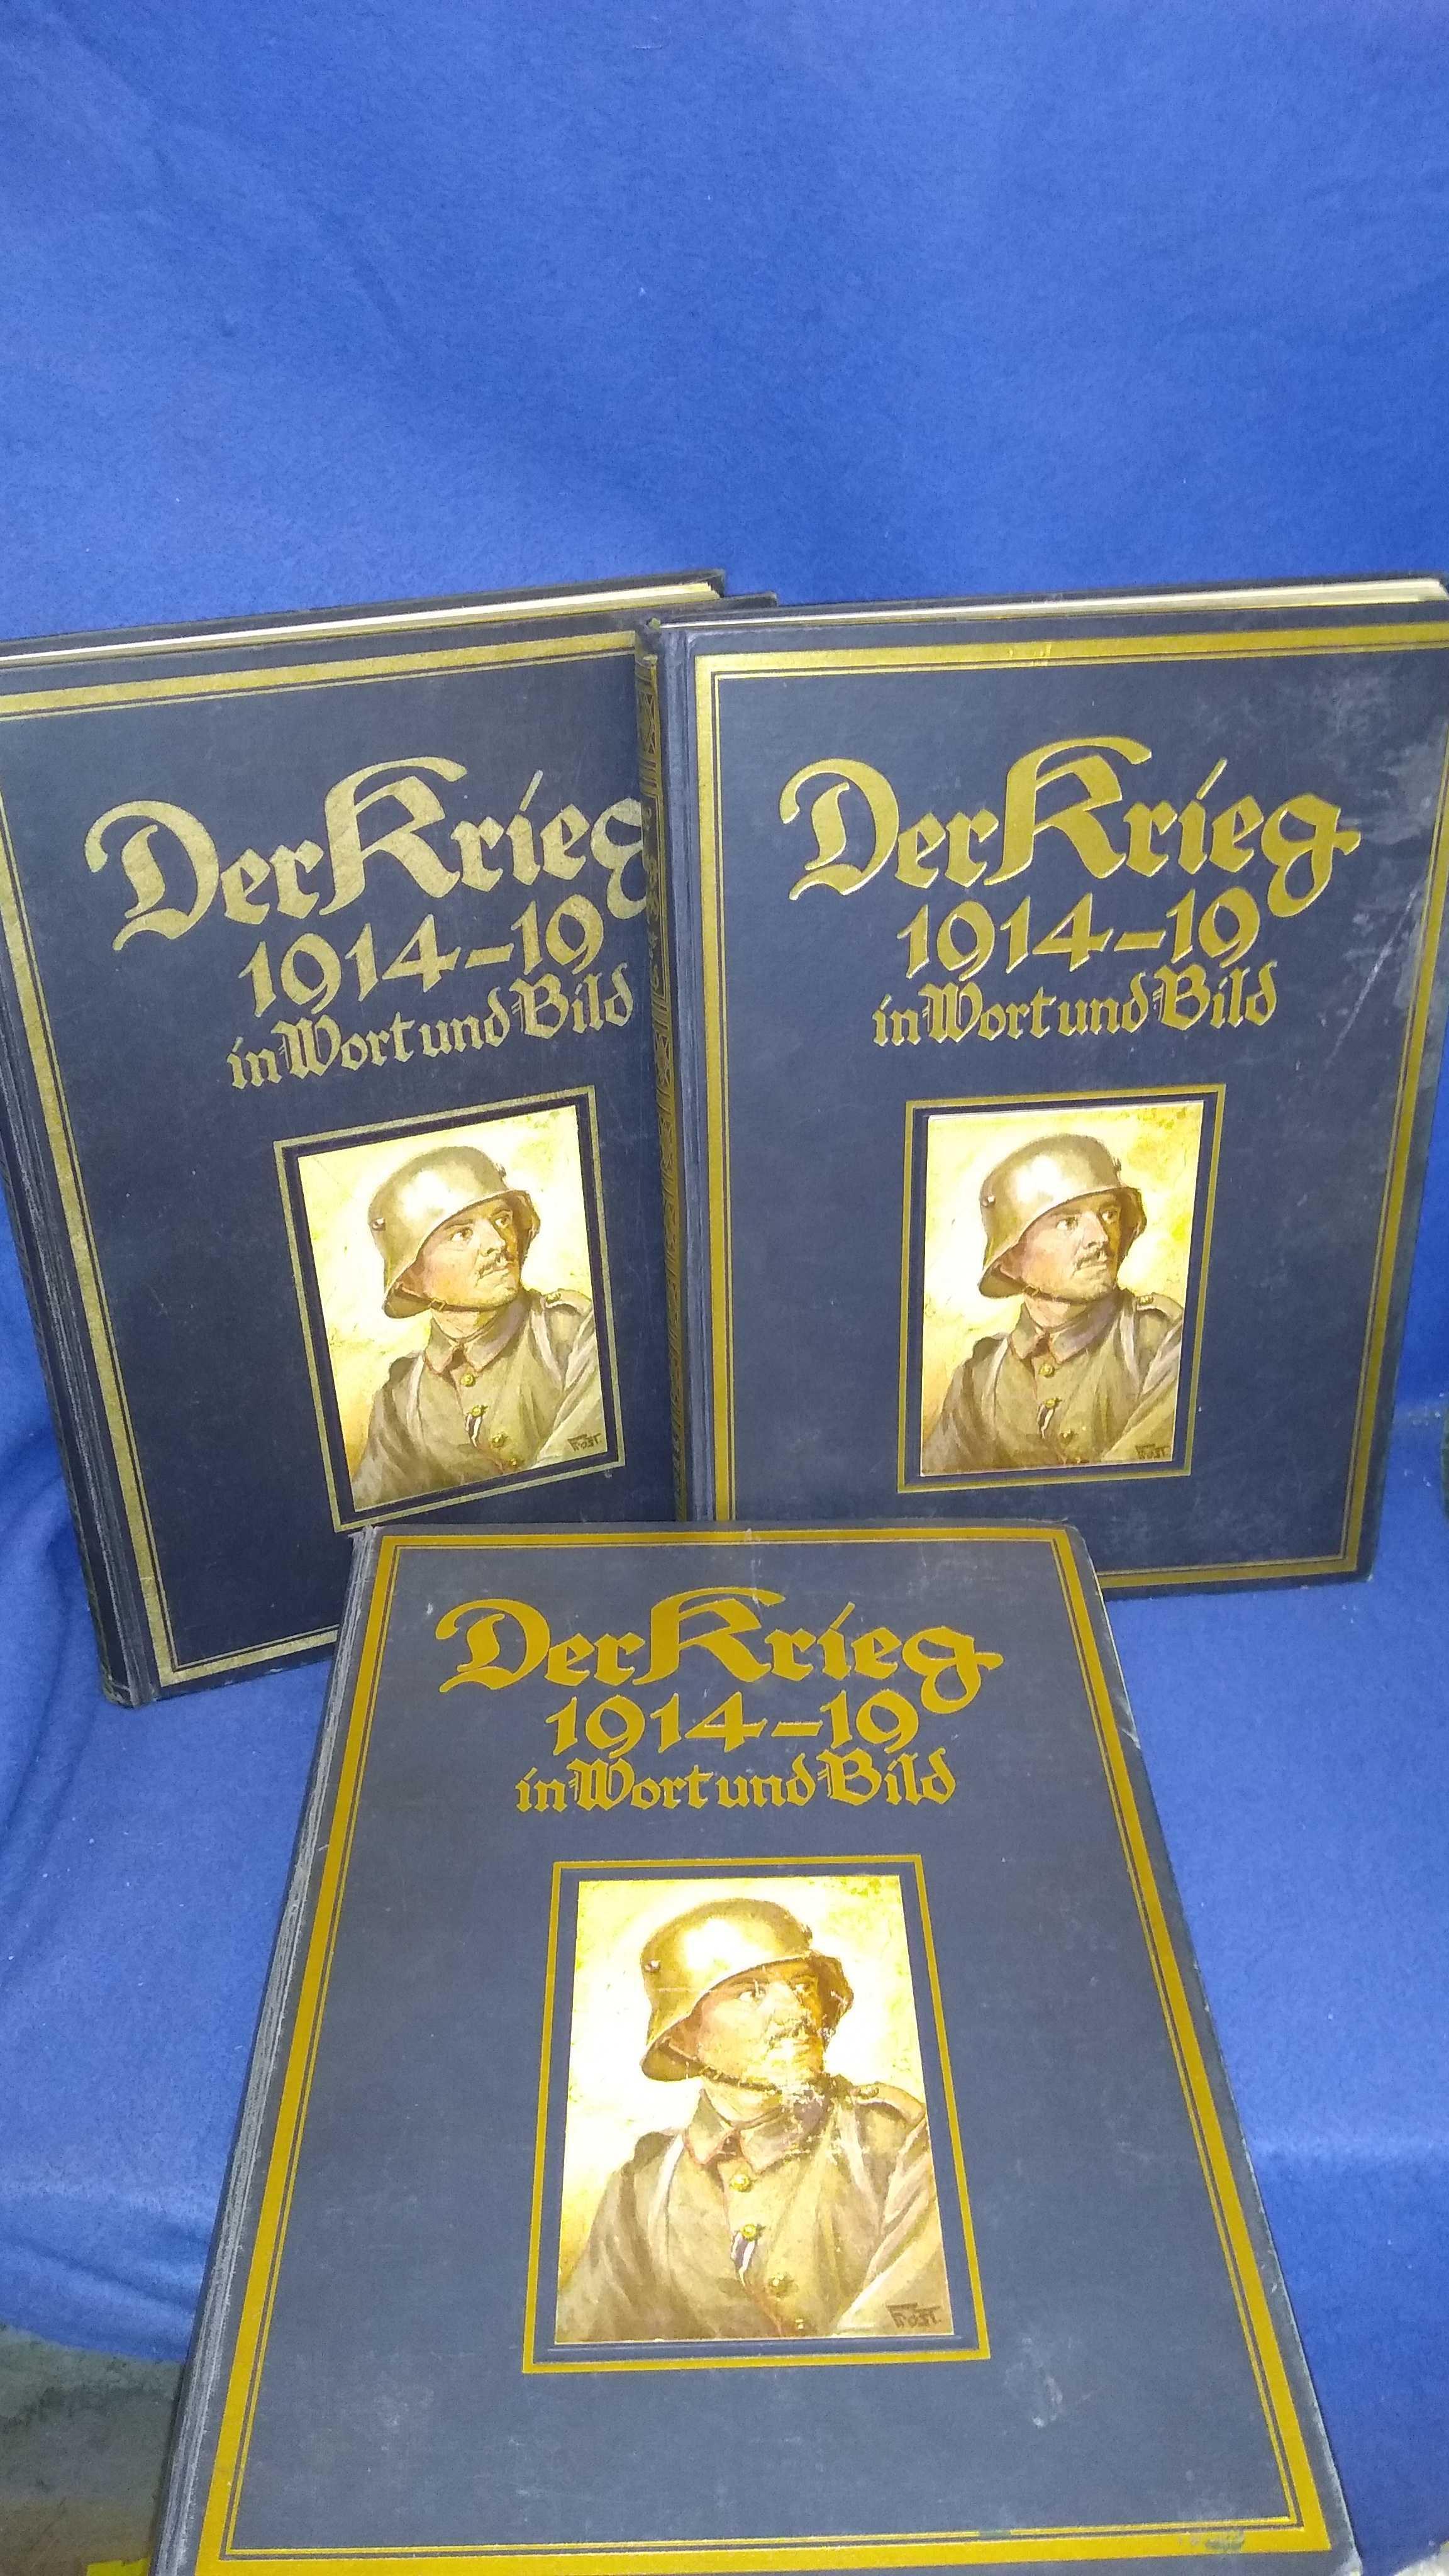 Der Krieg 1914/19 in Wort und Bild. Band 1-3,so komplett!